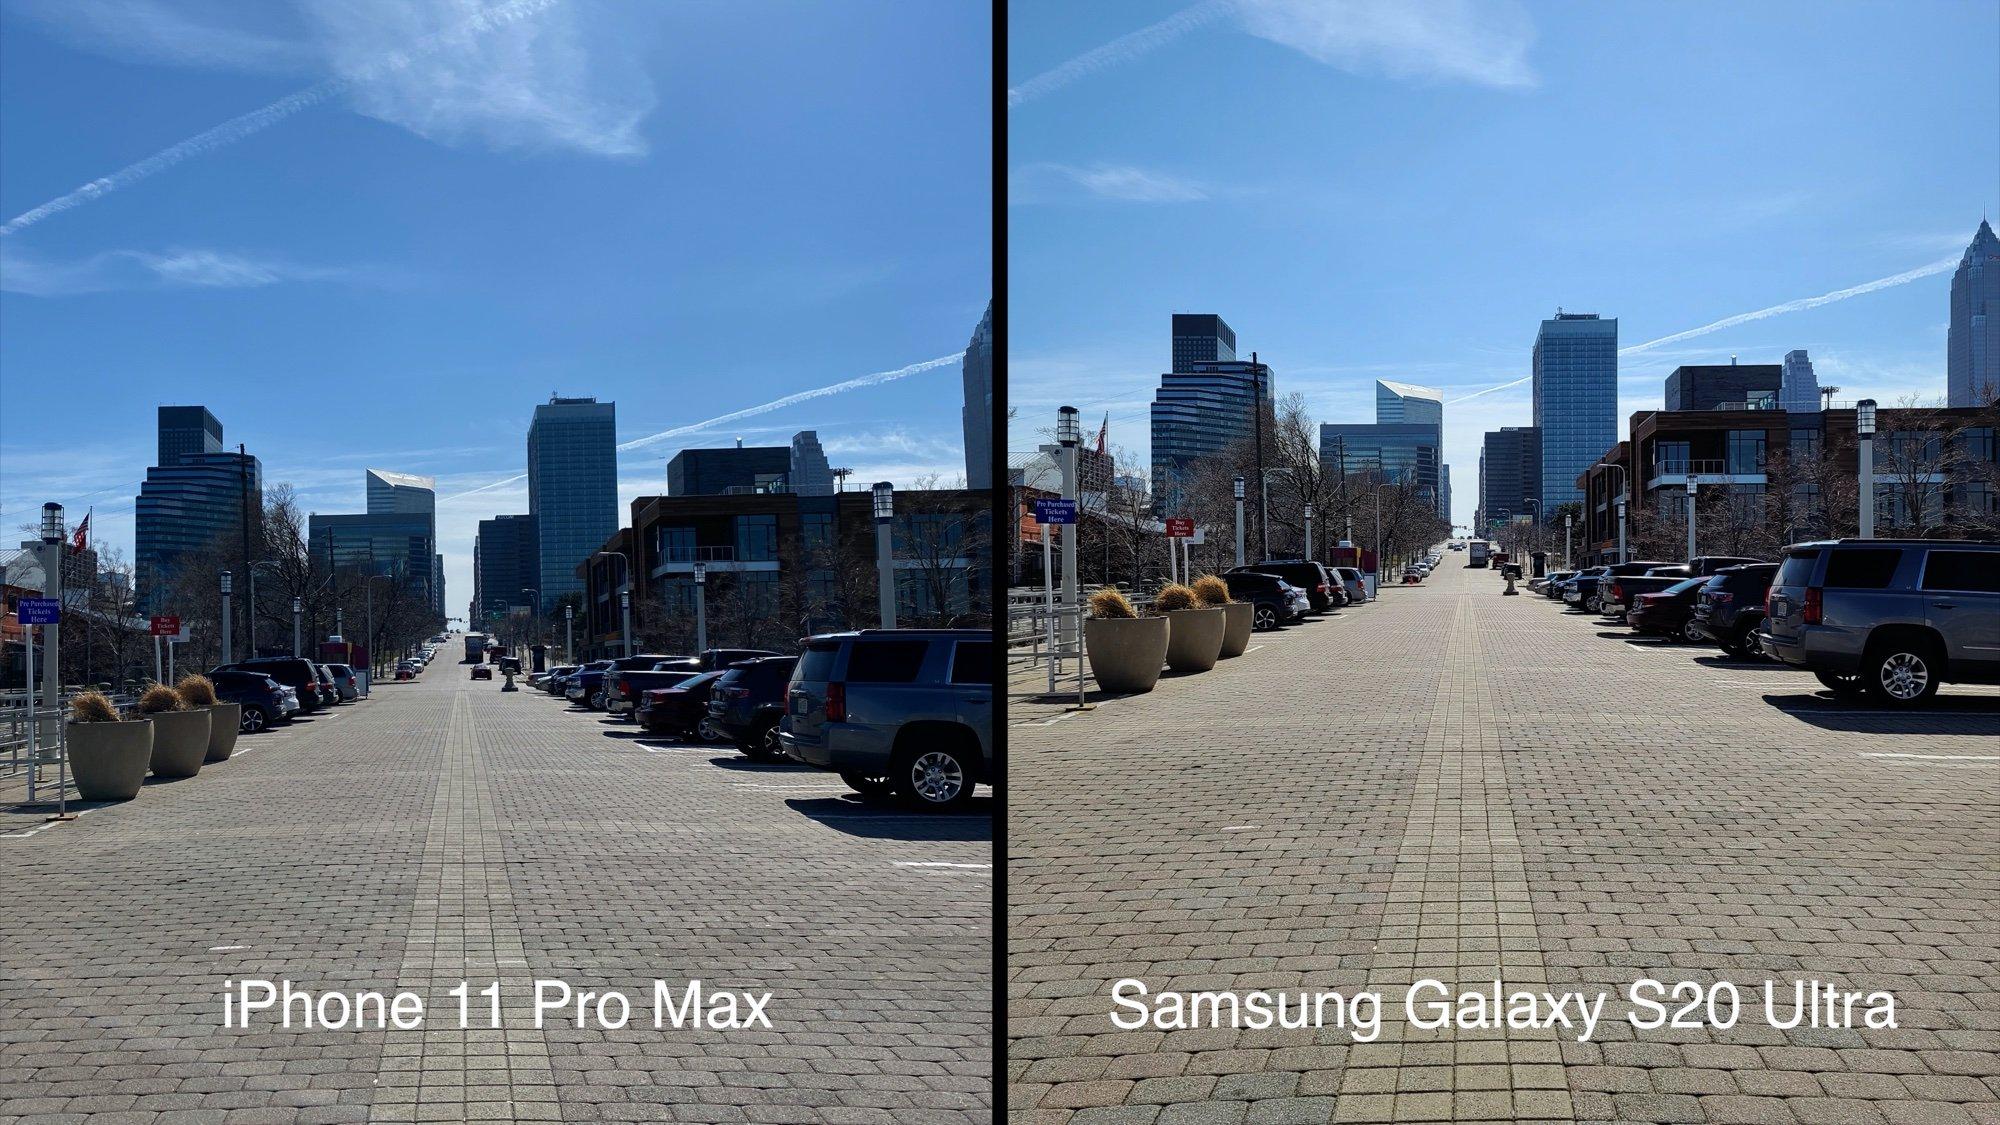 Ảnh chụp từ Samsung Galaxy S20 Ultra - So cùng iPhone 11 Pro Max